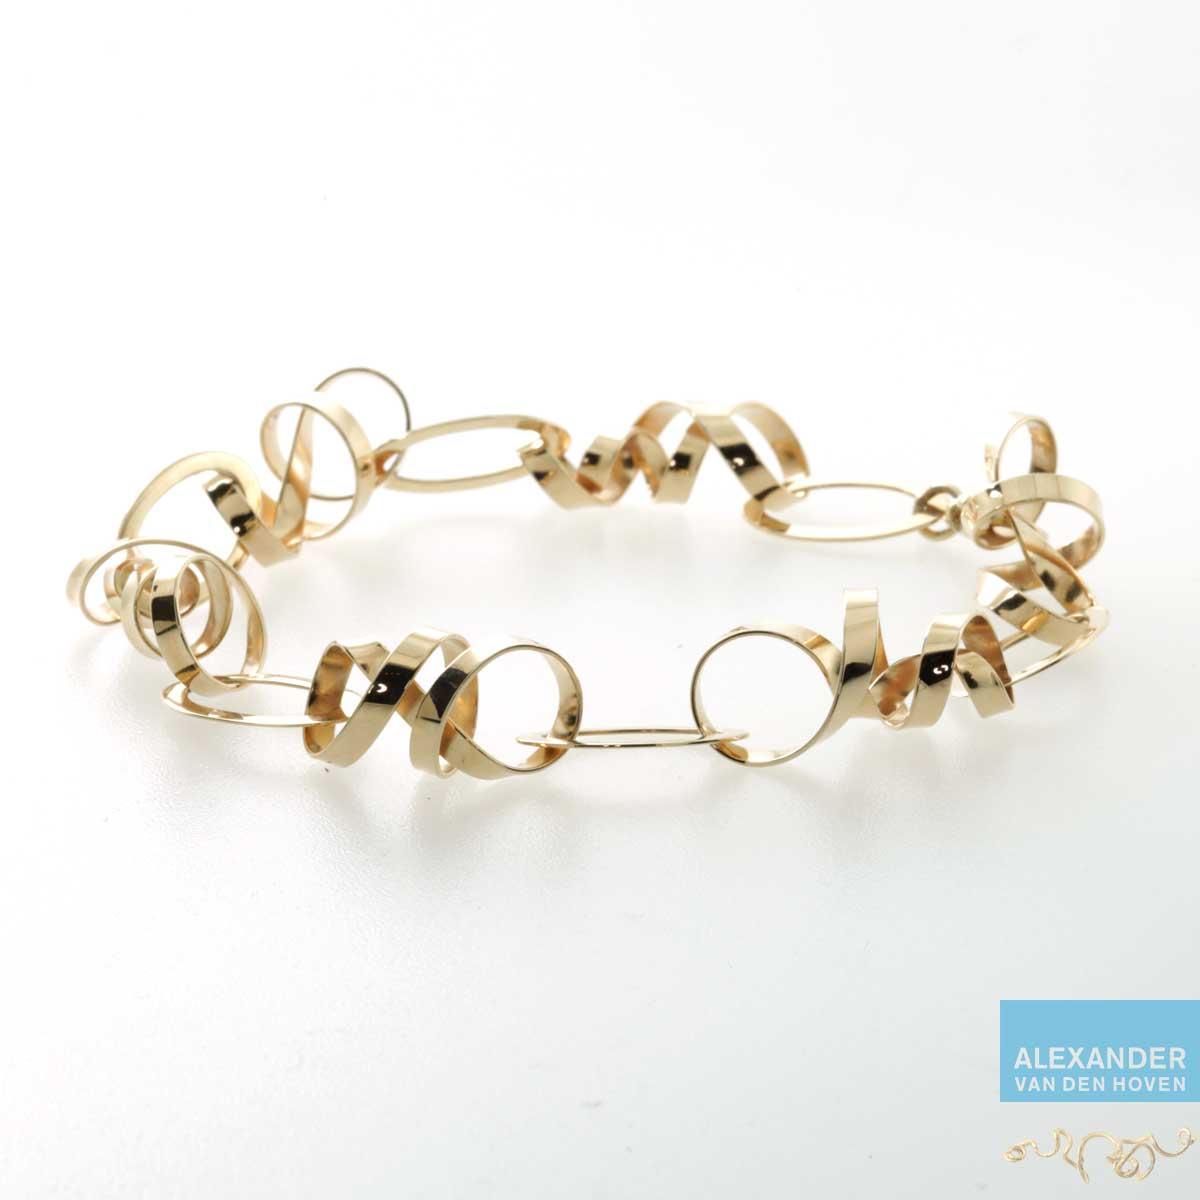 Geelgouden armband met krullen als schakels